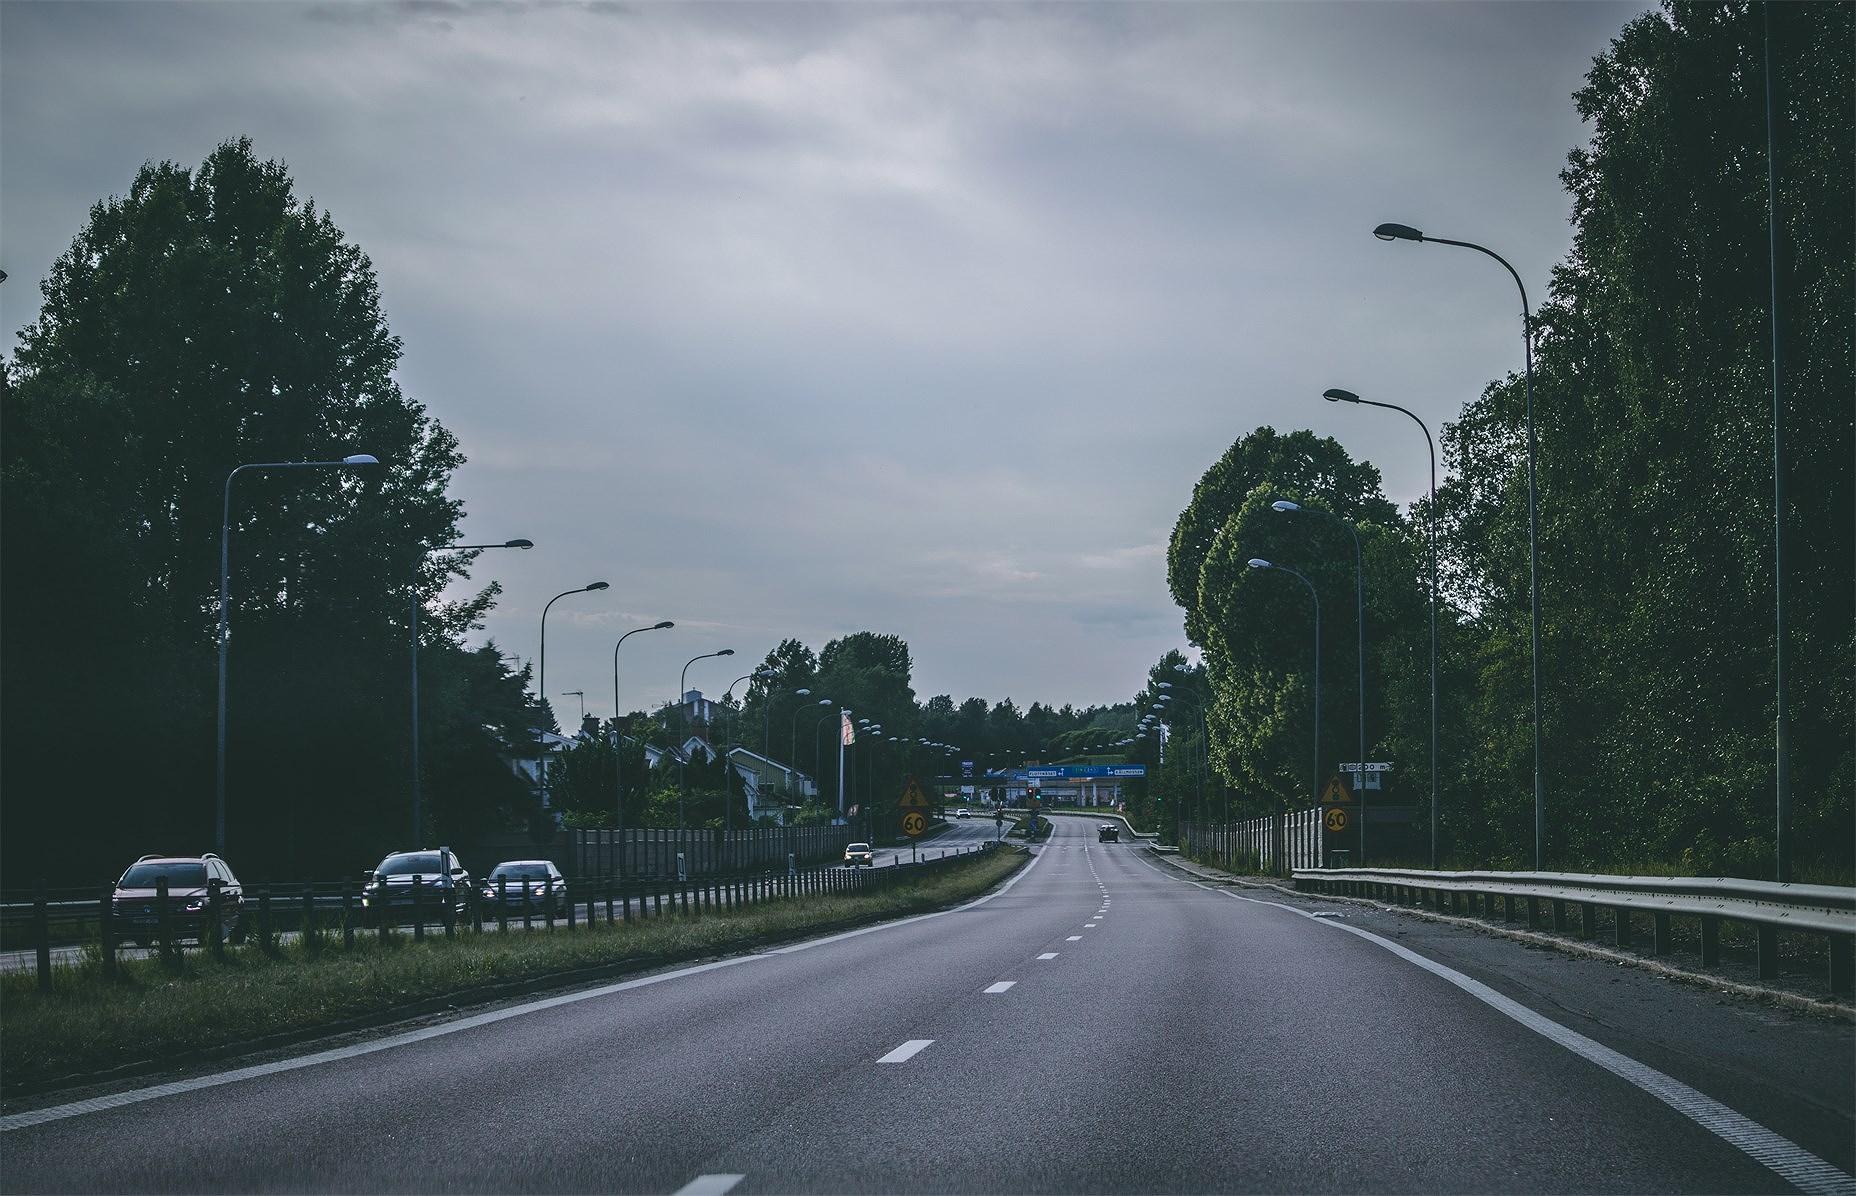 Körkortsresan